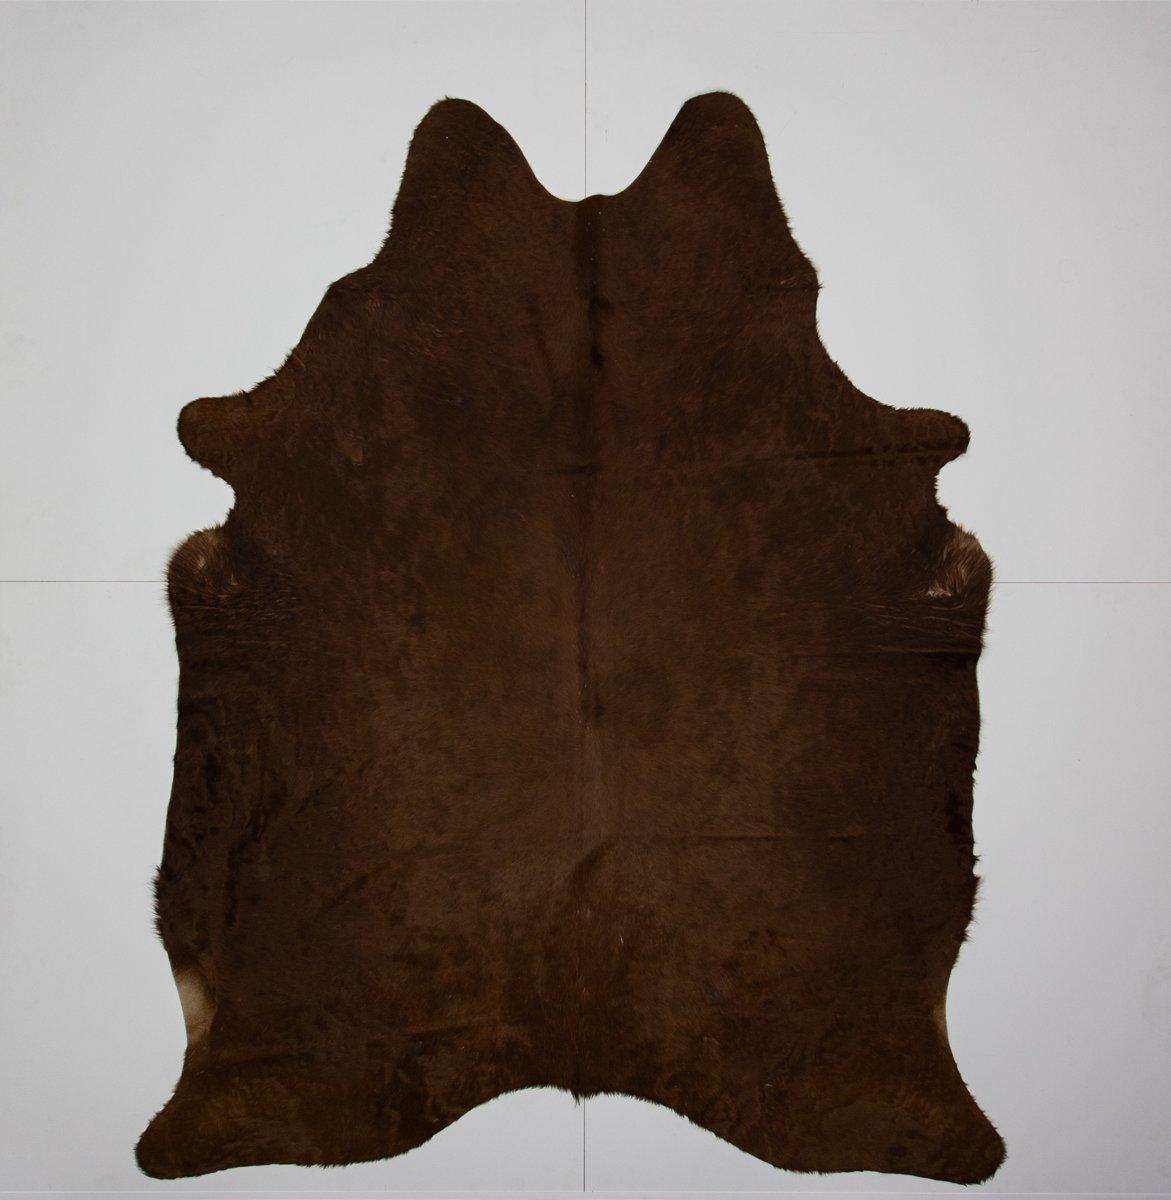 KOELAP Koeienhuid Vloerkleed - Bruin Egaal Langharig - 180 x 225 cm - 1000828 kopen